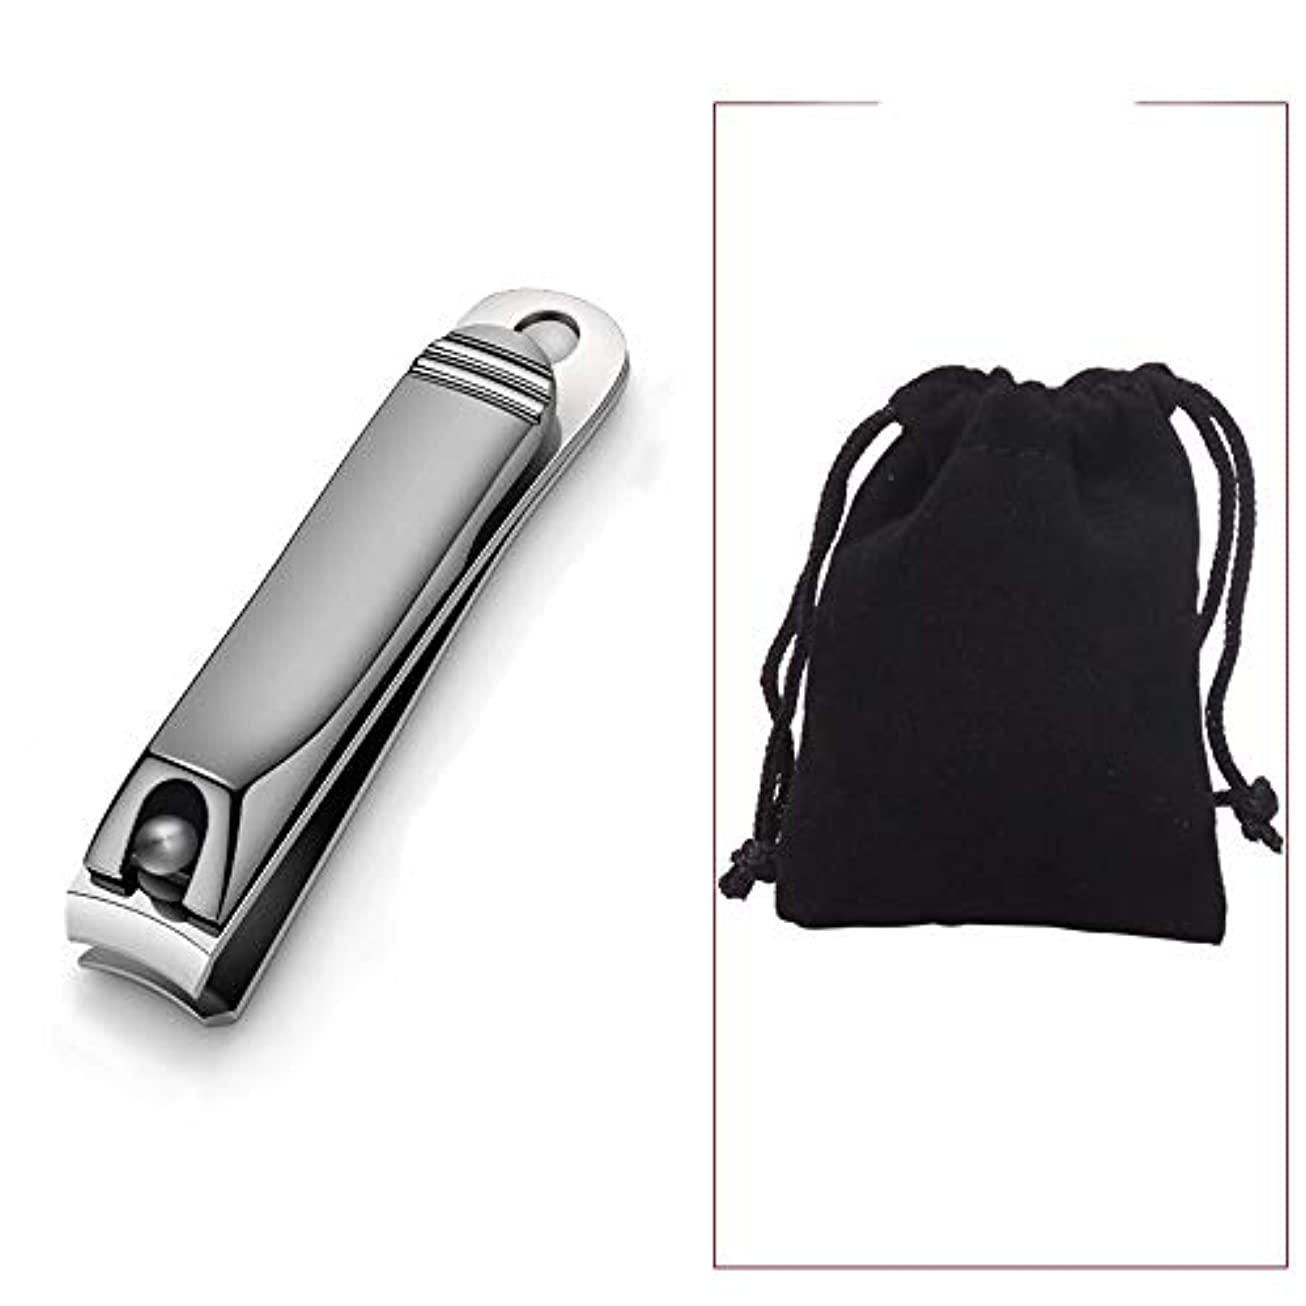 爪切り家庭用ポータブルはさみナイフシングルパックシャープで耐久性のあるマニキュアはさみ